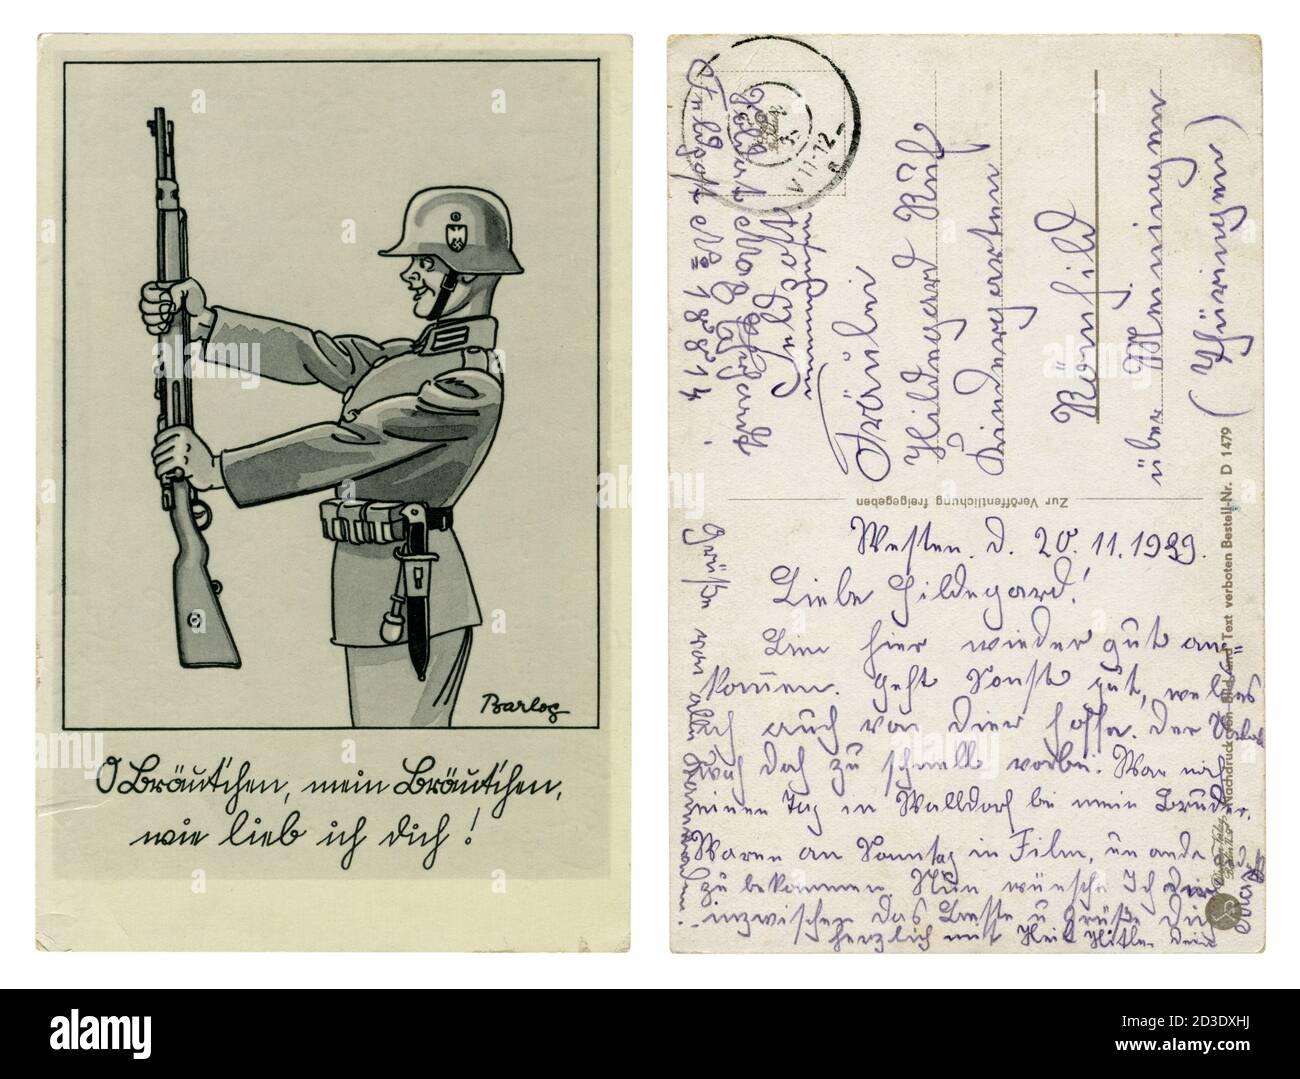 Carte postale historique allemande : soldat Wehrmacht souriant, avec un Karabiner 98k en équipement complet, casque d'acier, série satirique, artiste Barlog, Allemagne, 1939 Banque D'Images